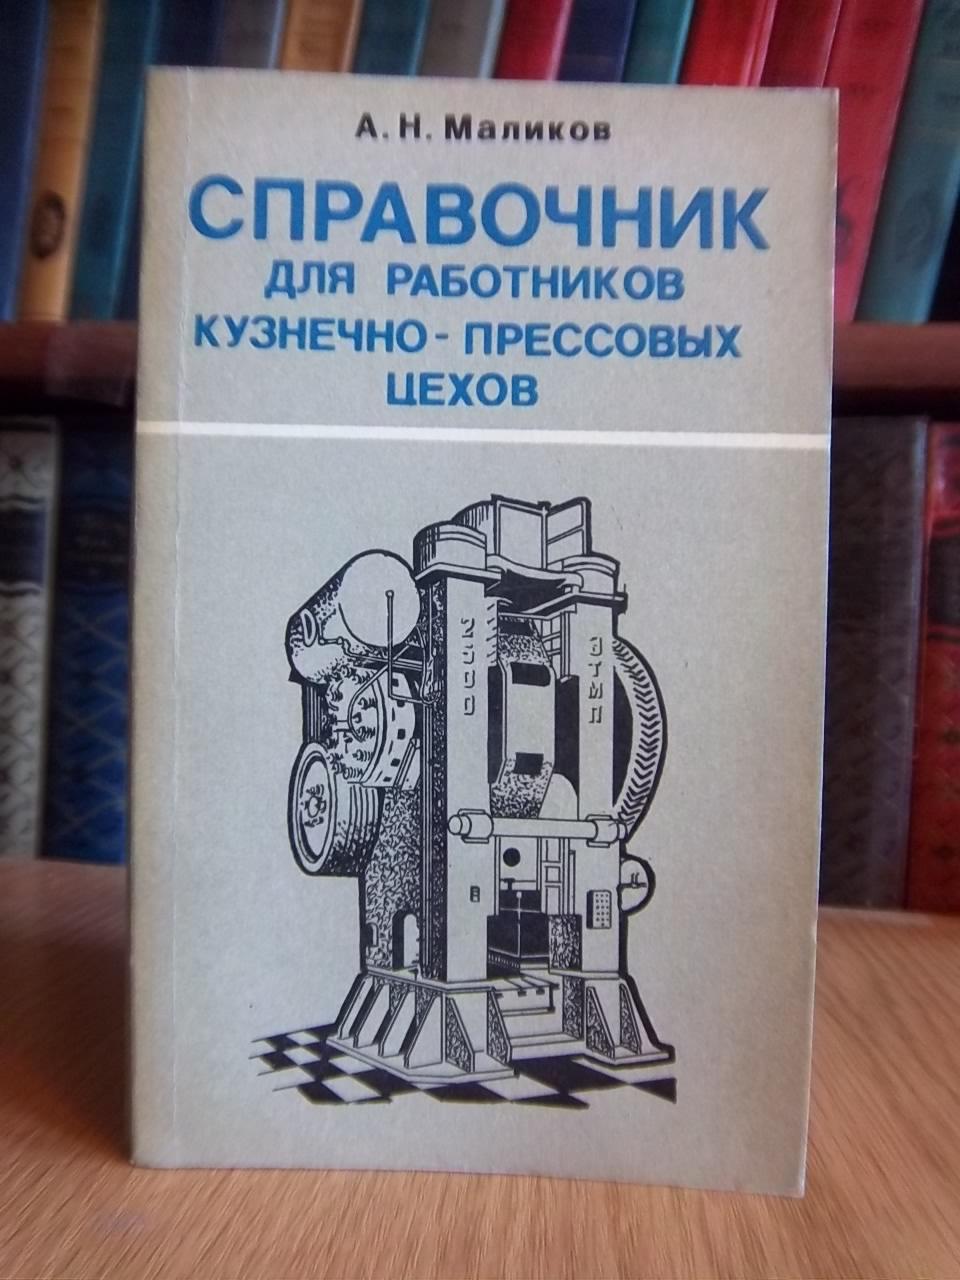 Справочник для работников кузнечно-прессовых цехов